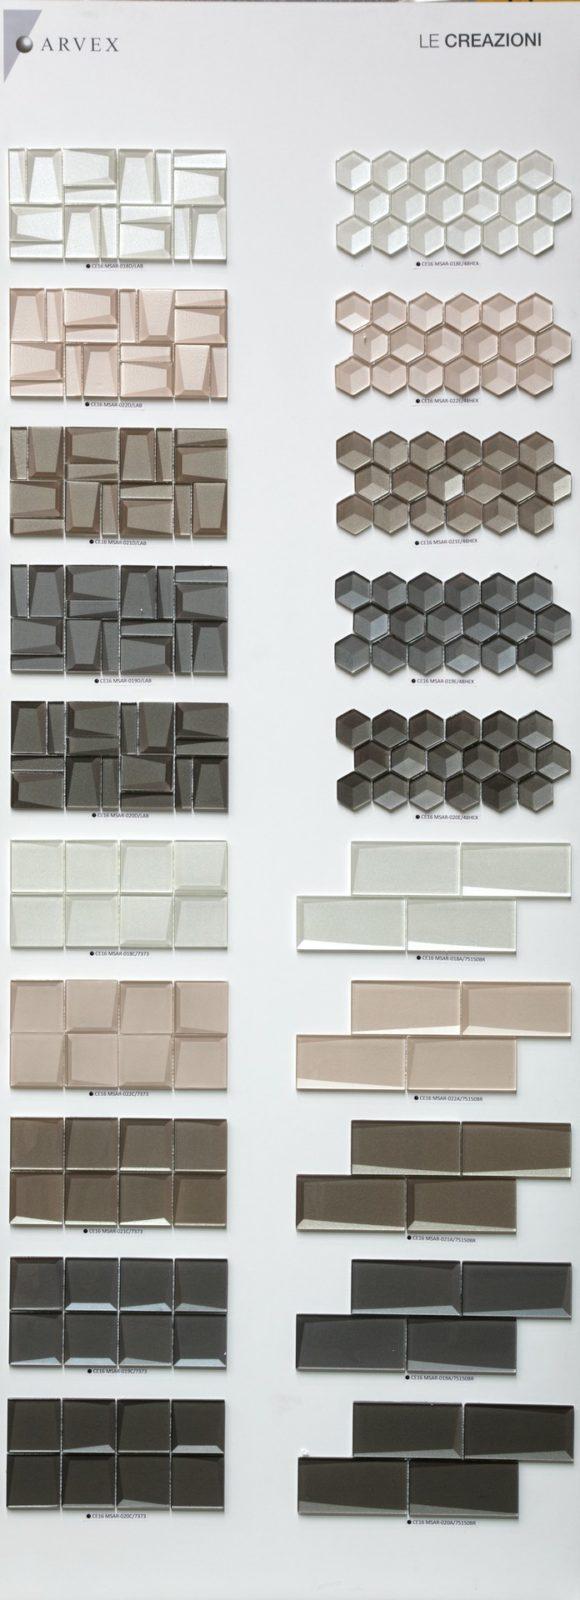 Mosaico - Le Creazioni 06